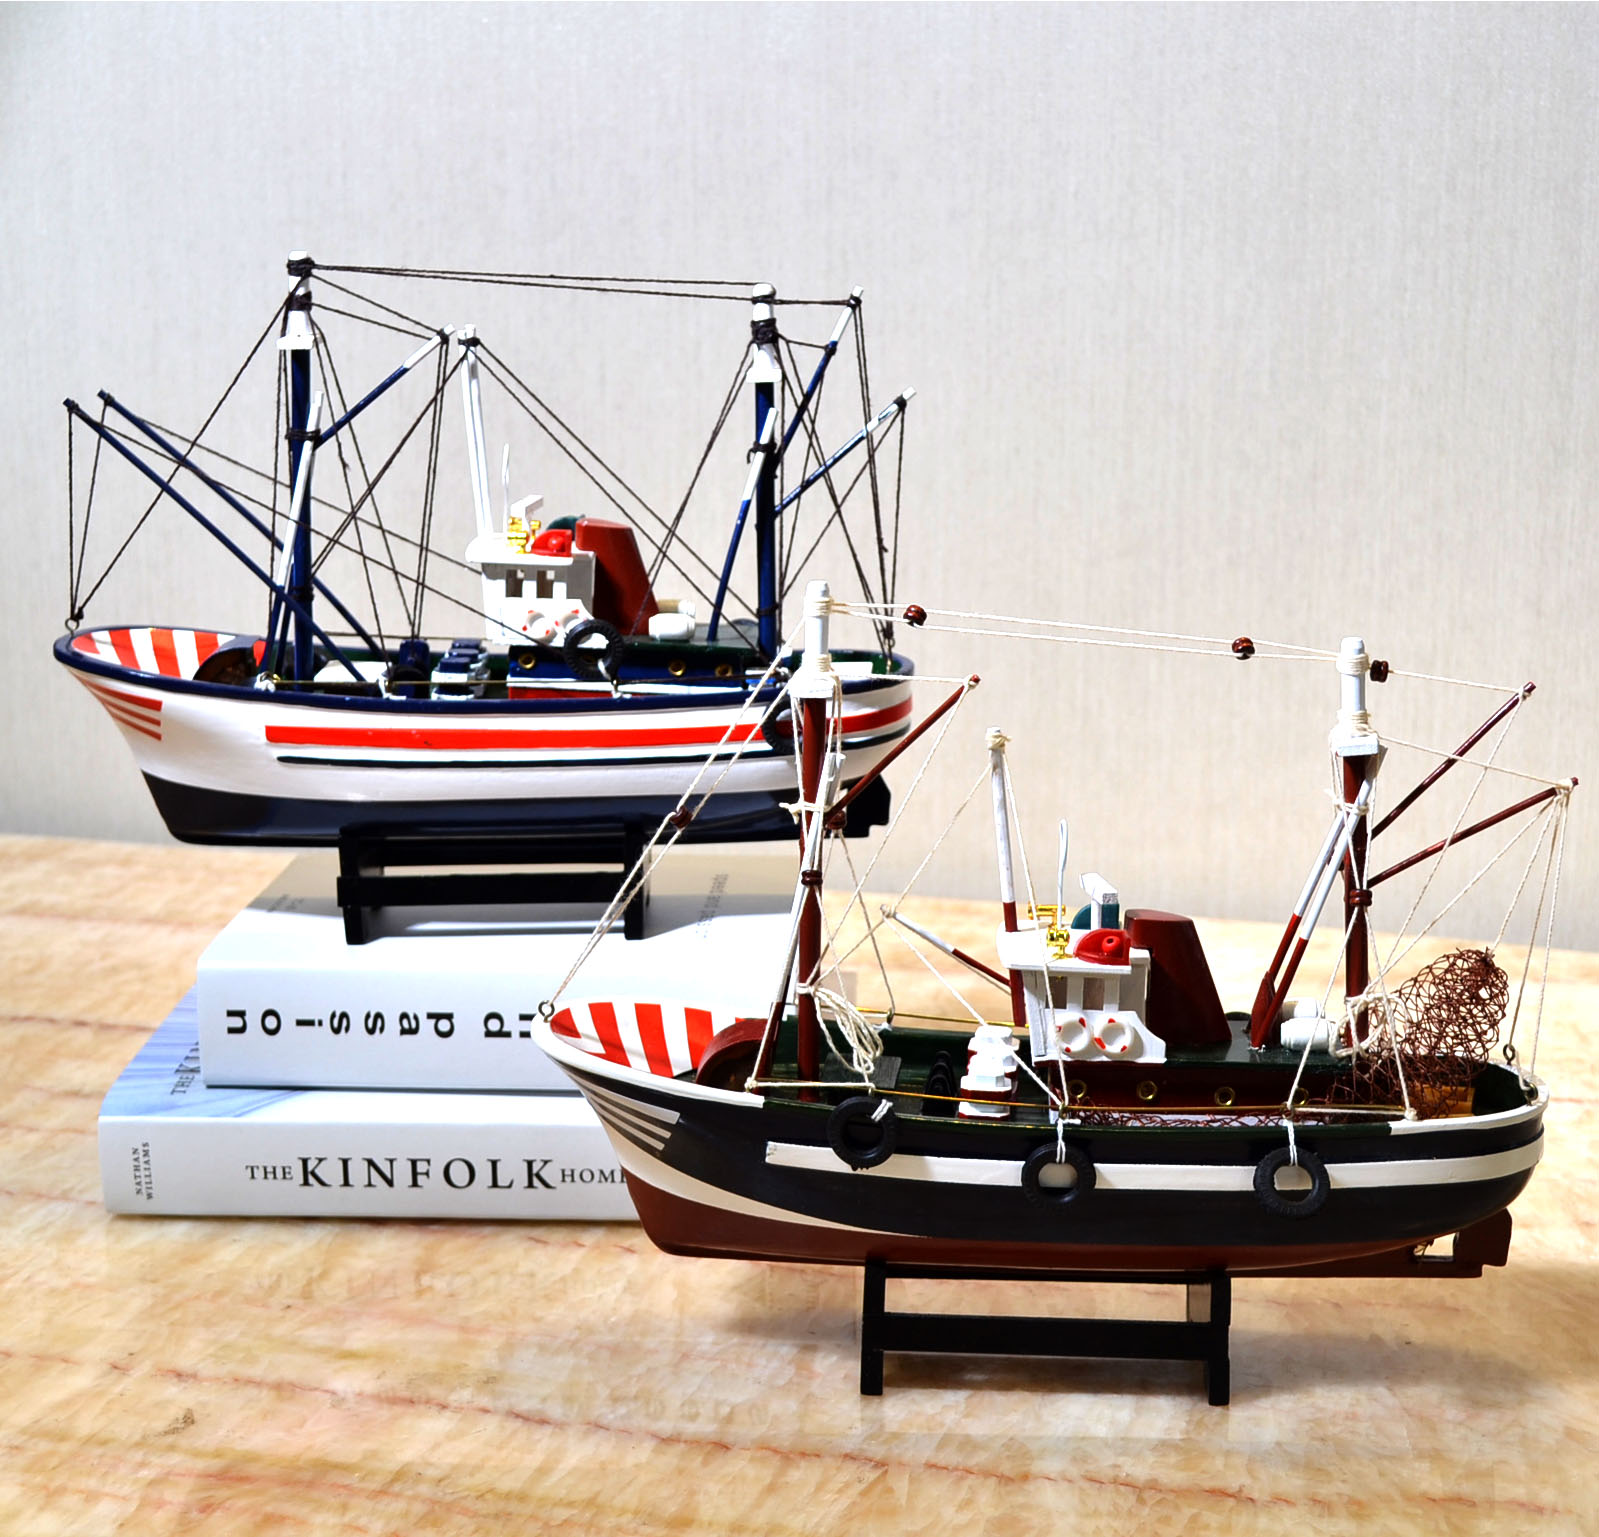 Style méditerranéen décoration de la maison bateau modèle en bois massif chambre d'enfants meublé avec voile lisse bateau de pêche bateau artisanal - 3